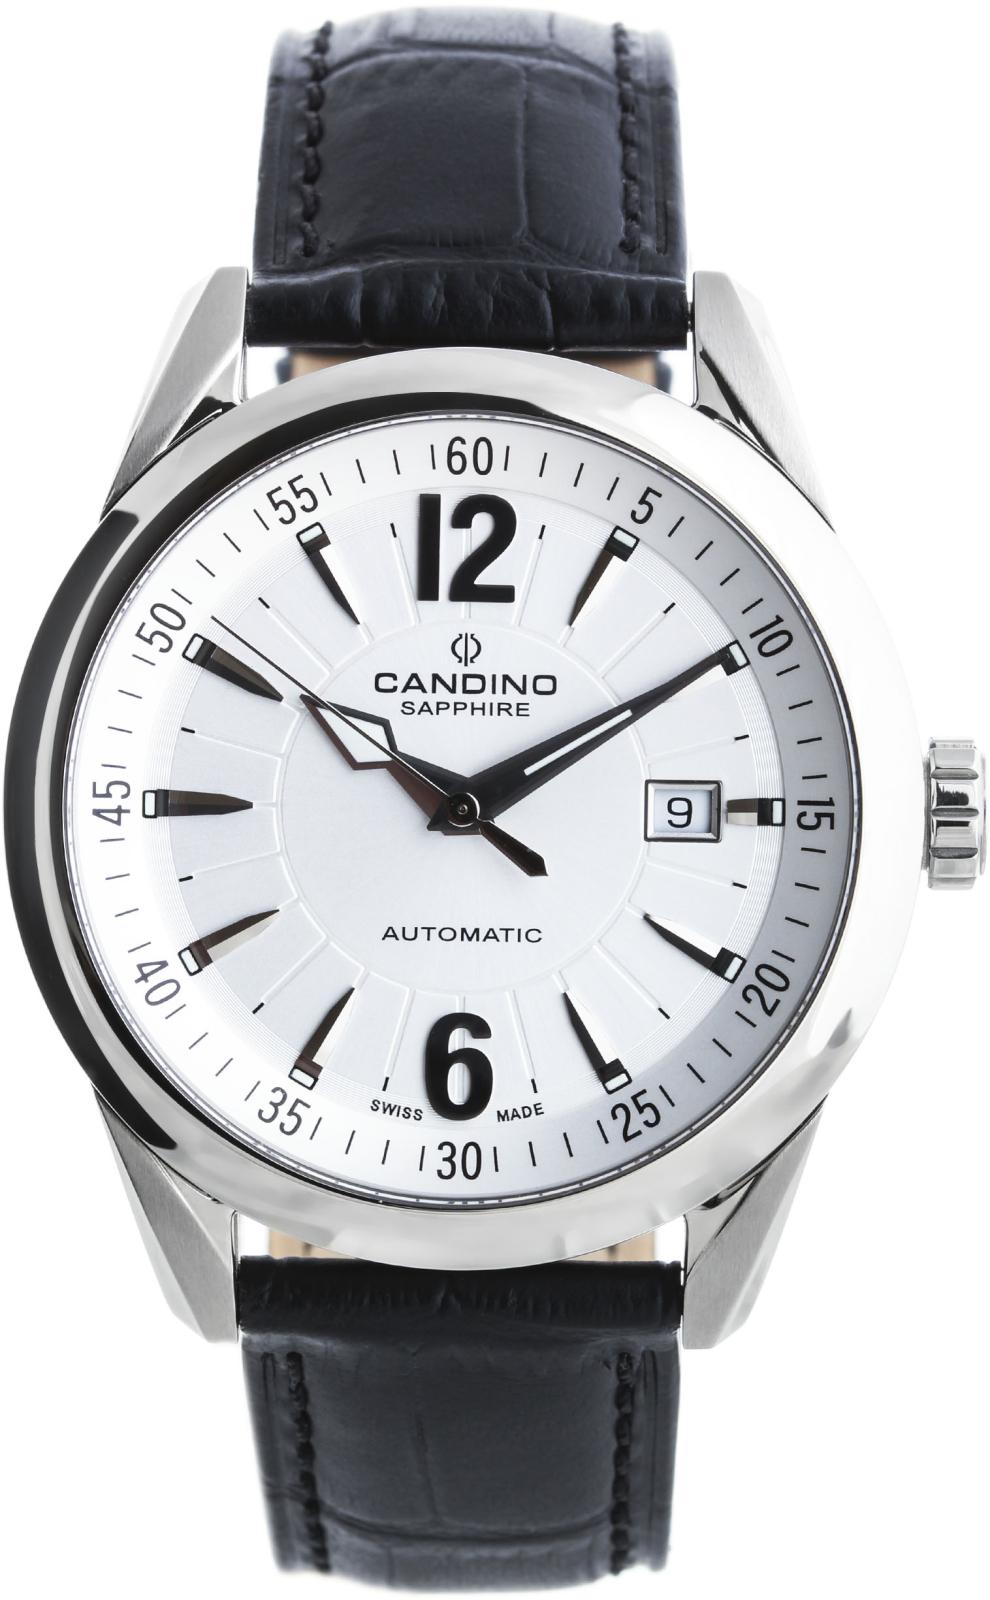 Candino Tradition C4479/1Наручные часы<br>Швейцарские часы Candino Tradition C4479/1Модель входит в коллекцию Tradition. Это настоящие мужские часы. Материал корпуса часов — сталь. Циферблат часов защищает сапфировое стекло. Водозащита этой модели 100 м.<br><br>Пол: Мужские<br>Страна-производитель: Швейцария<br>Механизм: Механический<br>Материал корпуса: Сталь<br>Материал ремня/браслета: Кожа<br>Водозащита, диапазон: 100 - 150 м<br>Стекло: Сапфировое<br>Толщина корпуса: None<br>Стиль: None